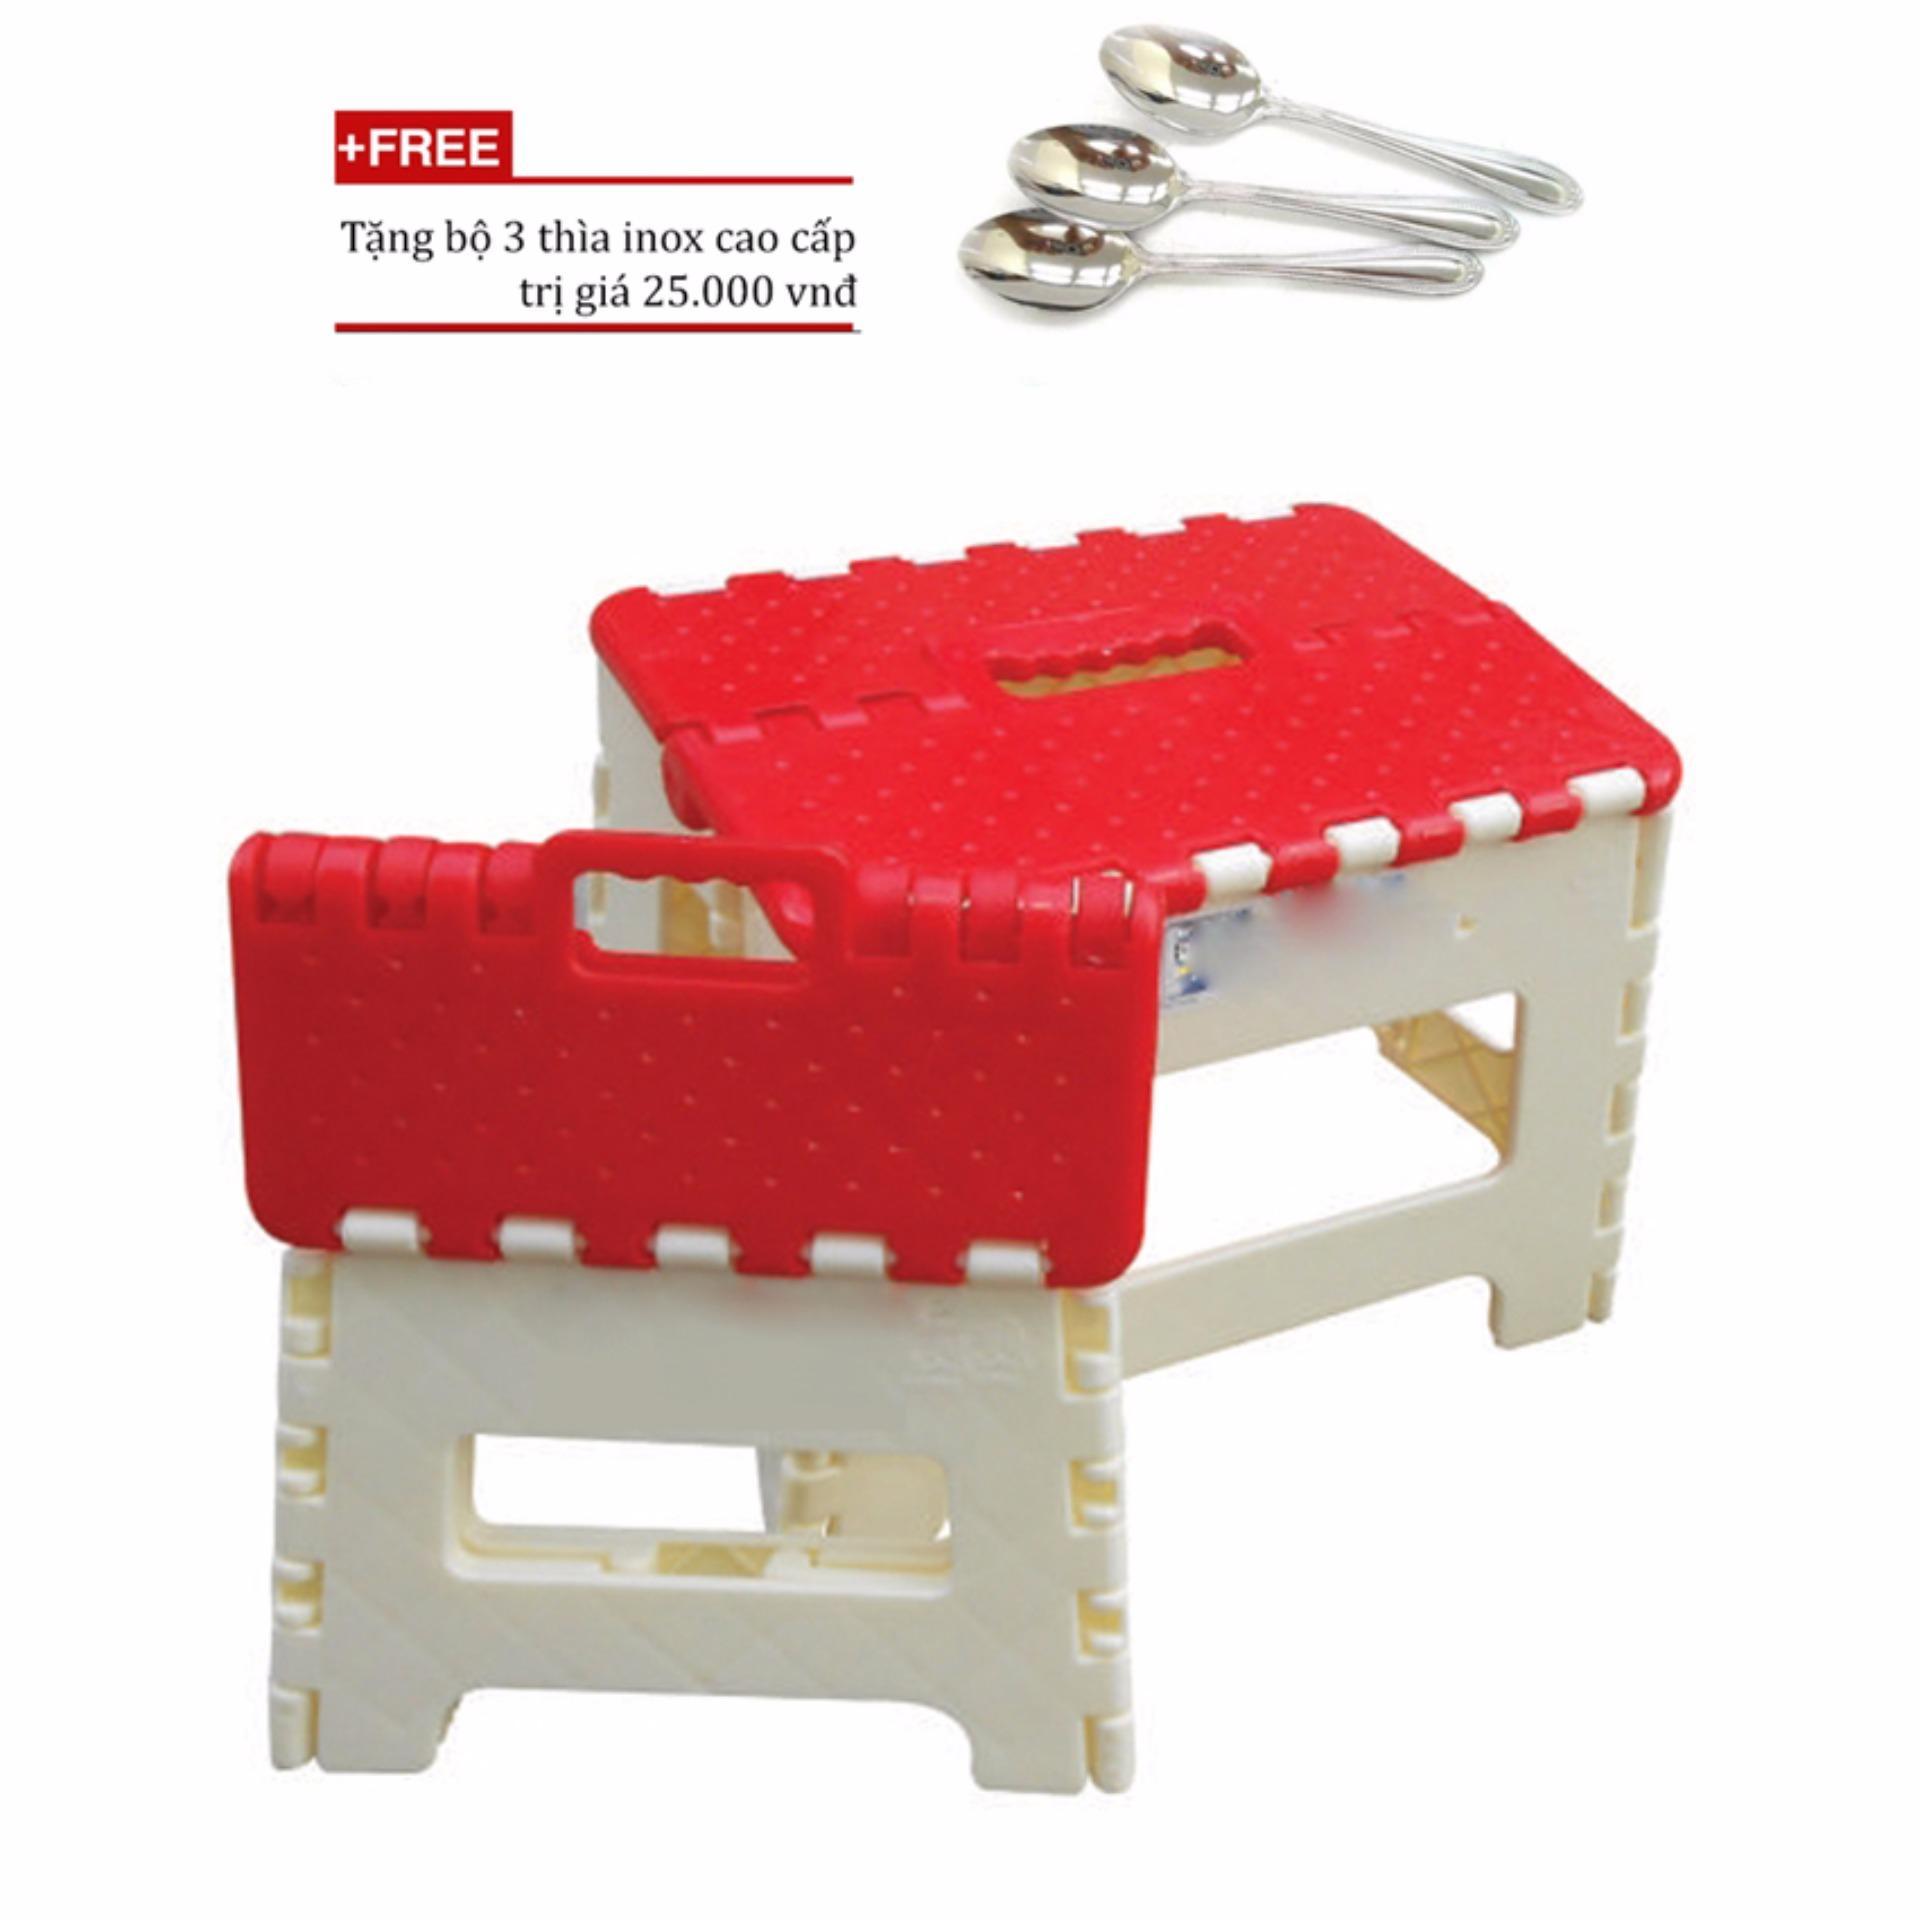 Ghế Nhựa Xếp Thông Minh/ghế Nhựa Xếp Giá Rẻ Vega